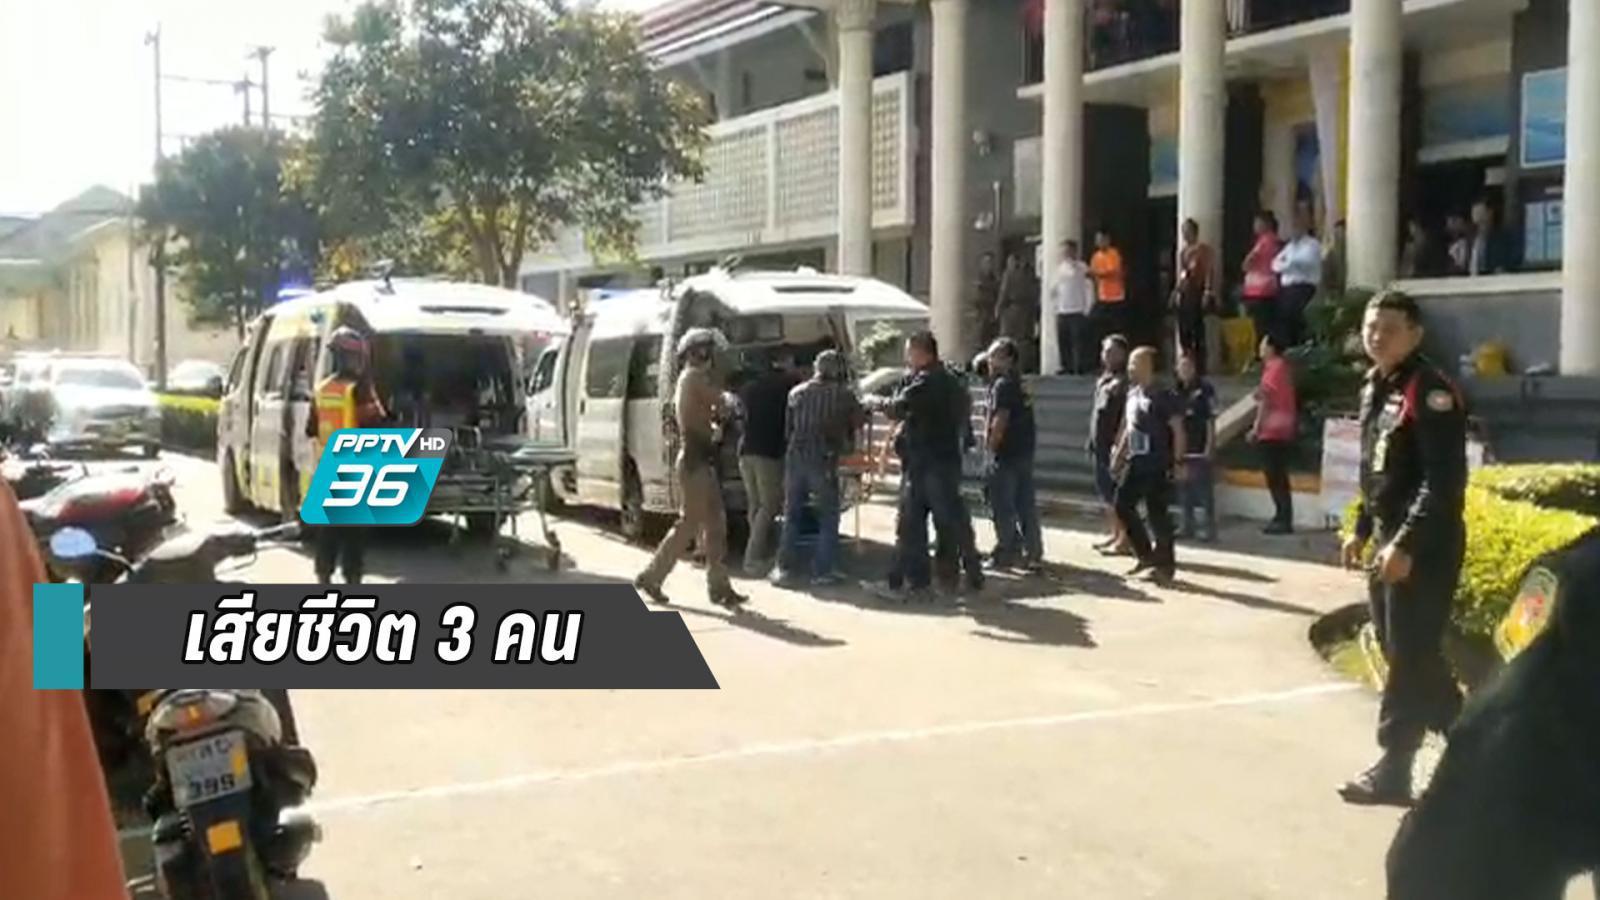 โฆษกศาลฯ แจงยิงกันกลางศาลจันทบุรีดับ 3 คน เตรียมปรับปรุงมาตรการรปภ.